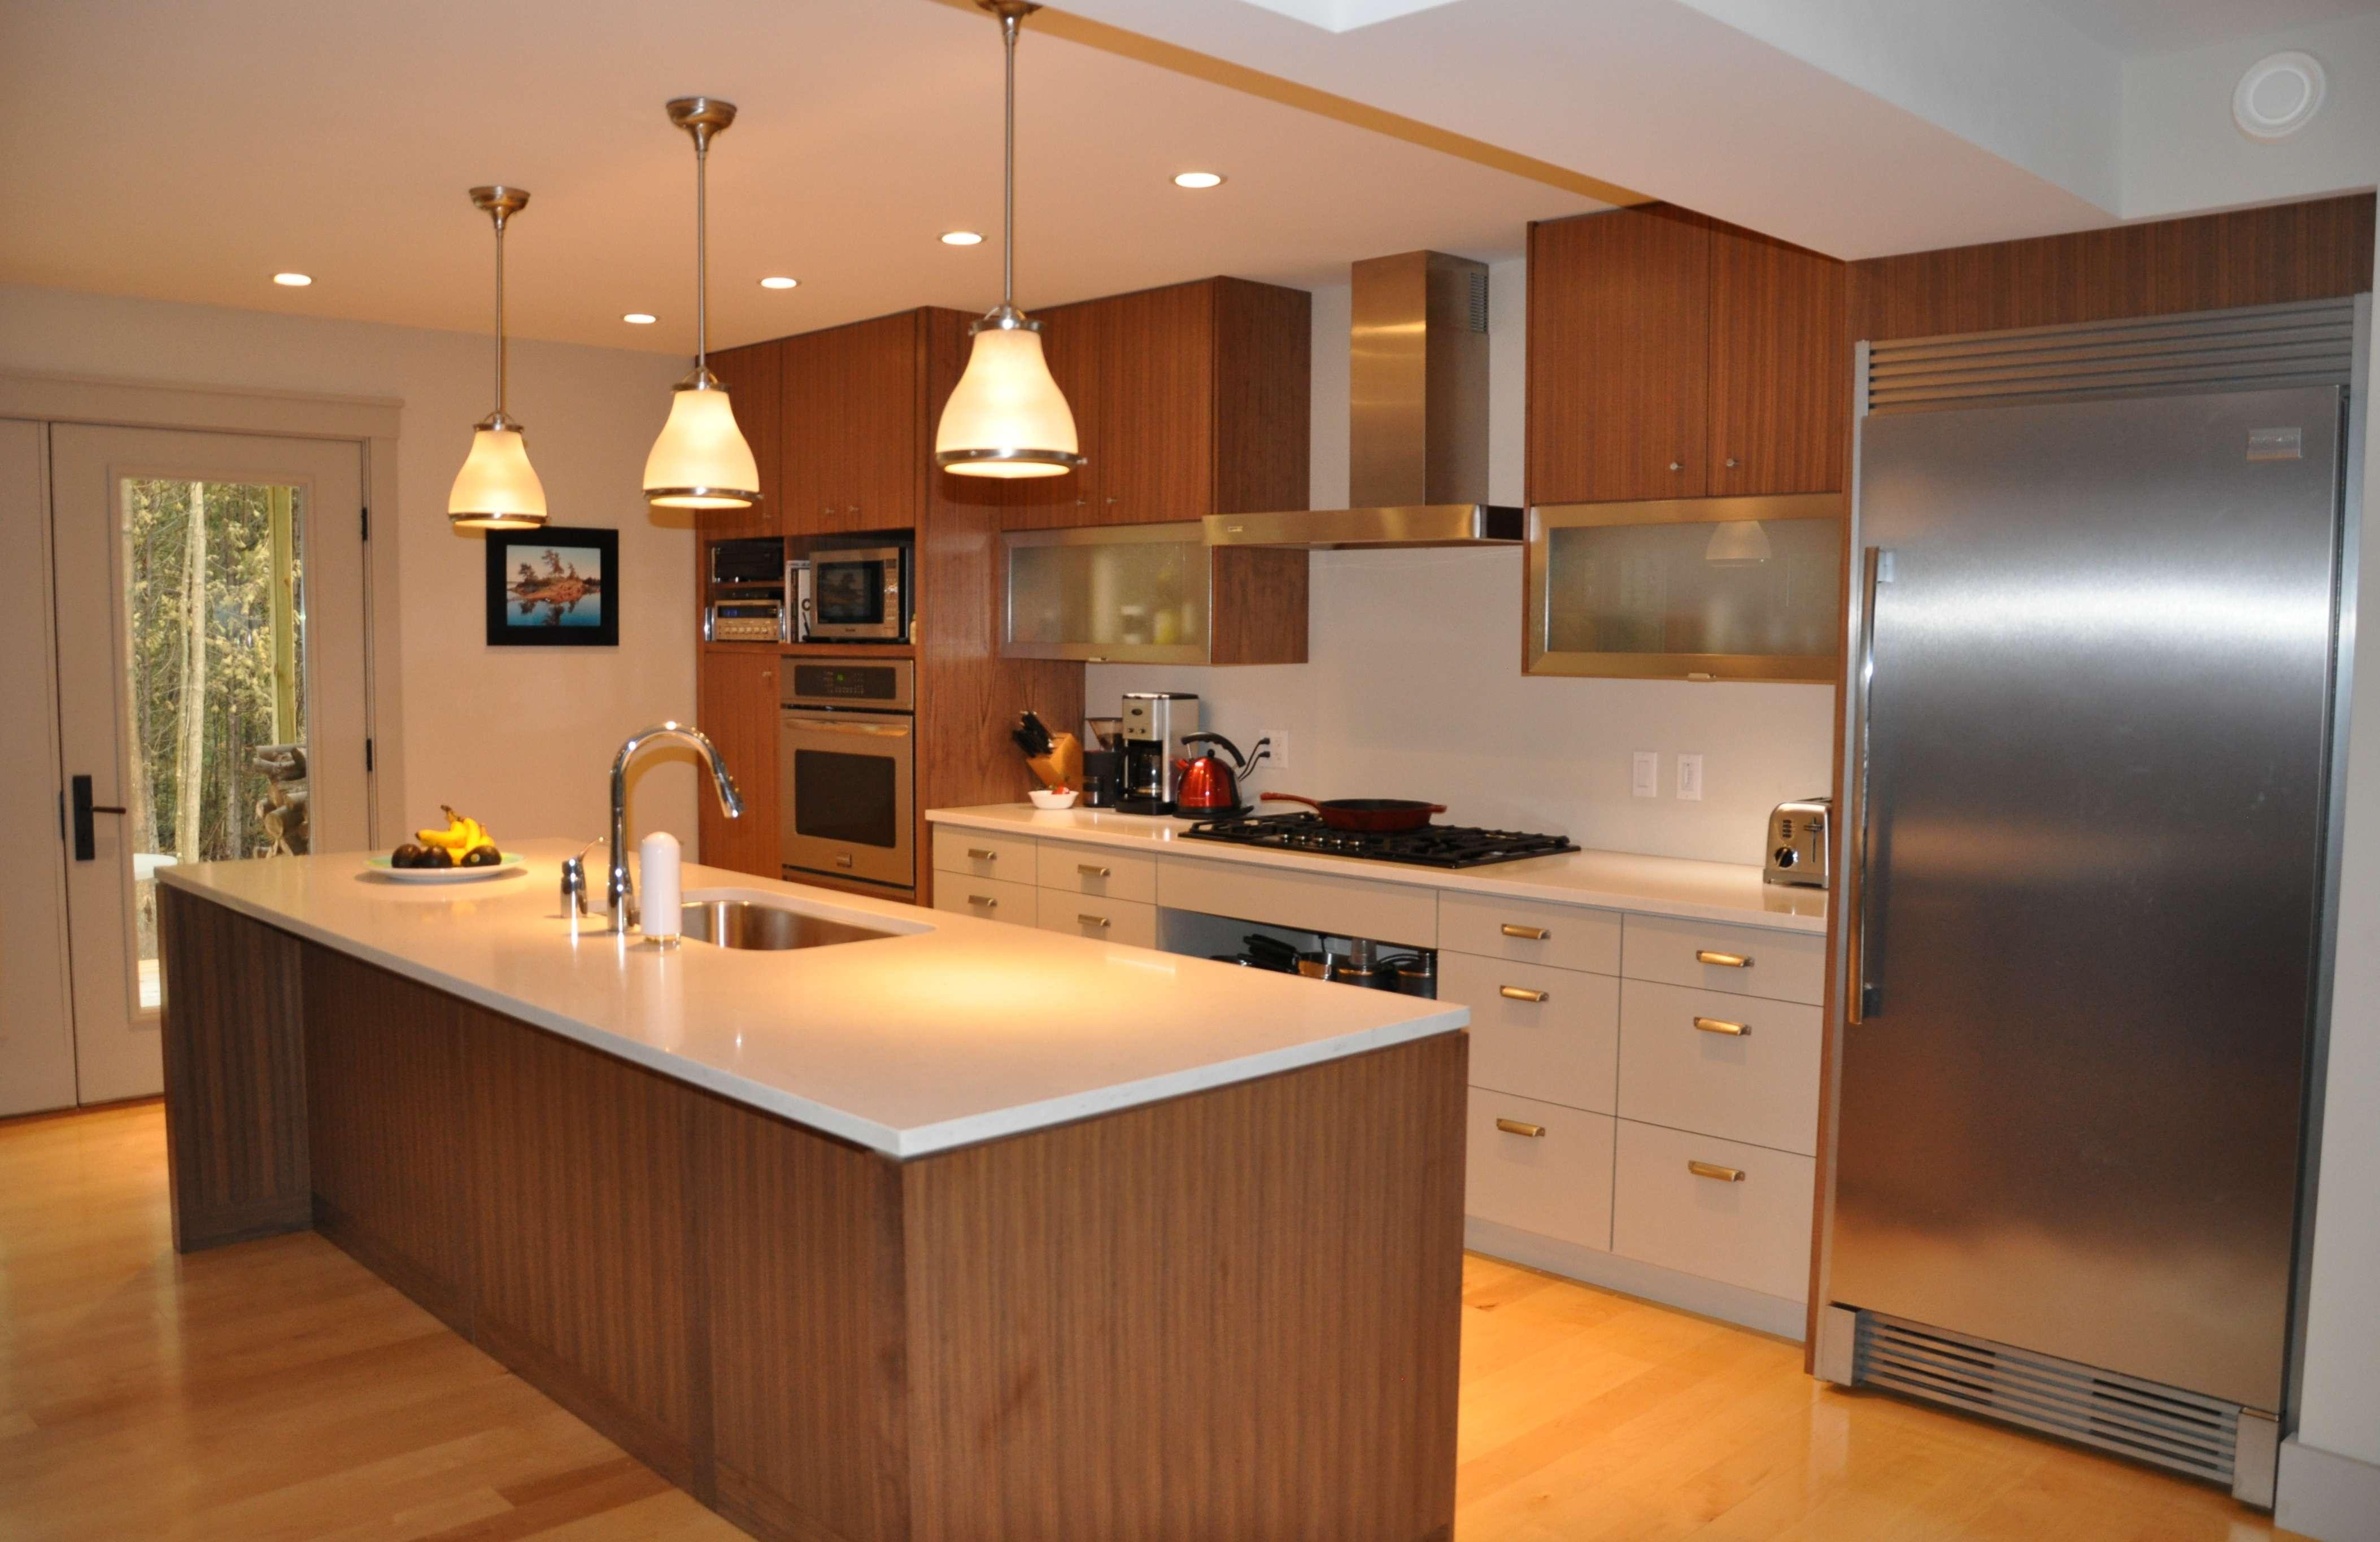 Comments Kitchen Design Ideas Your Home